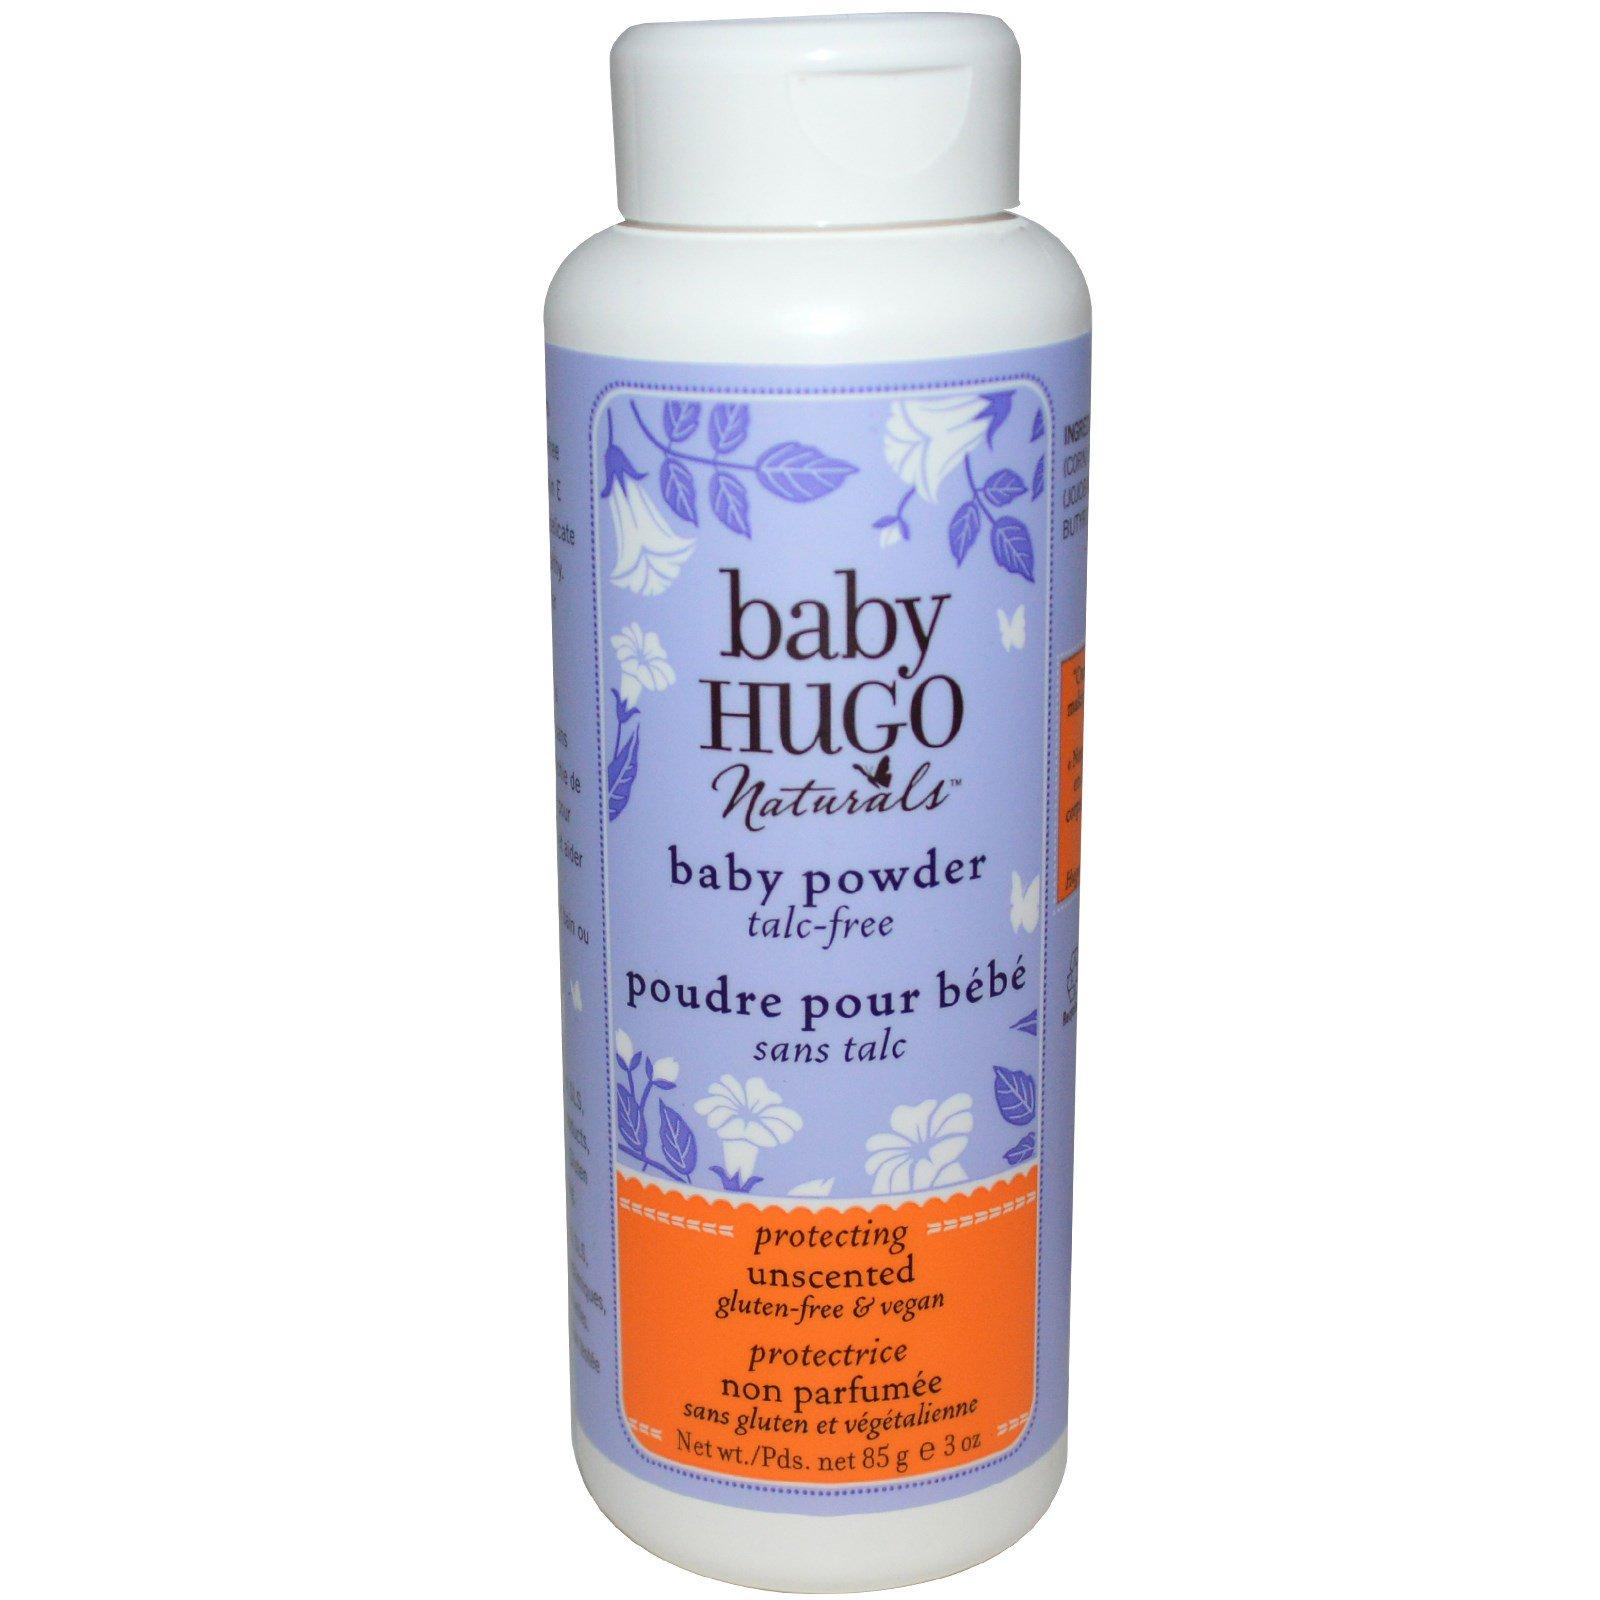 Baby Hugo Naturals Reviews